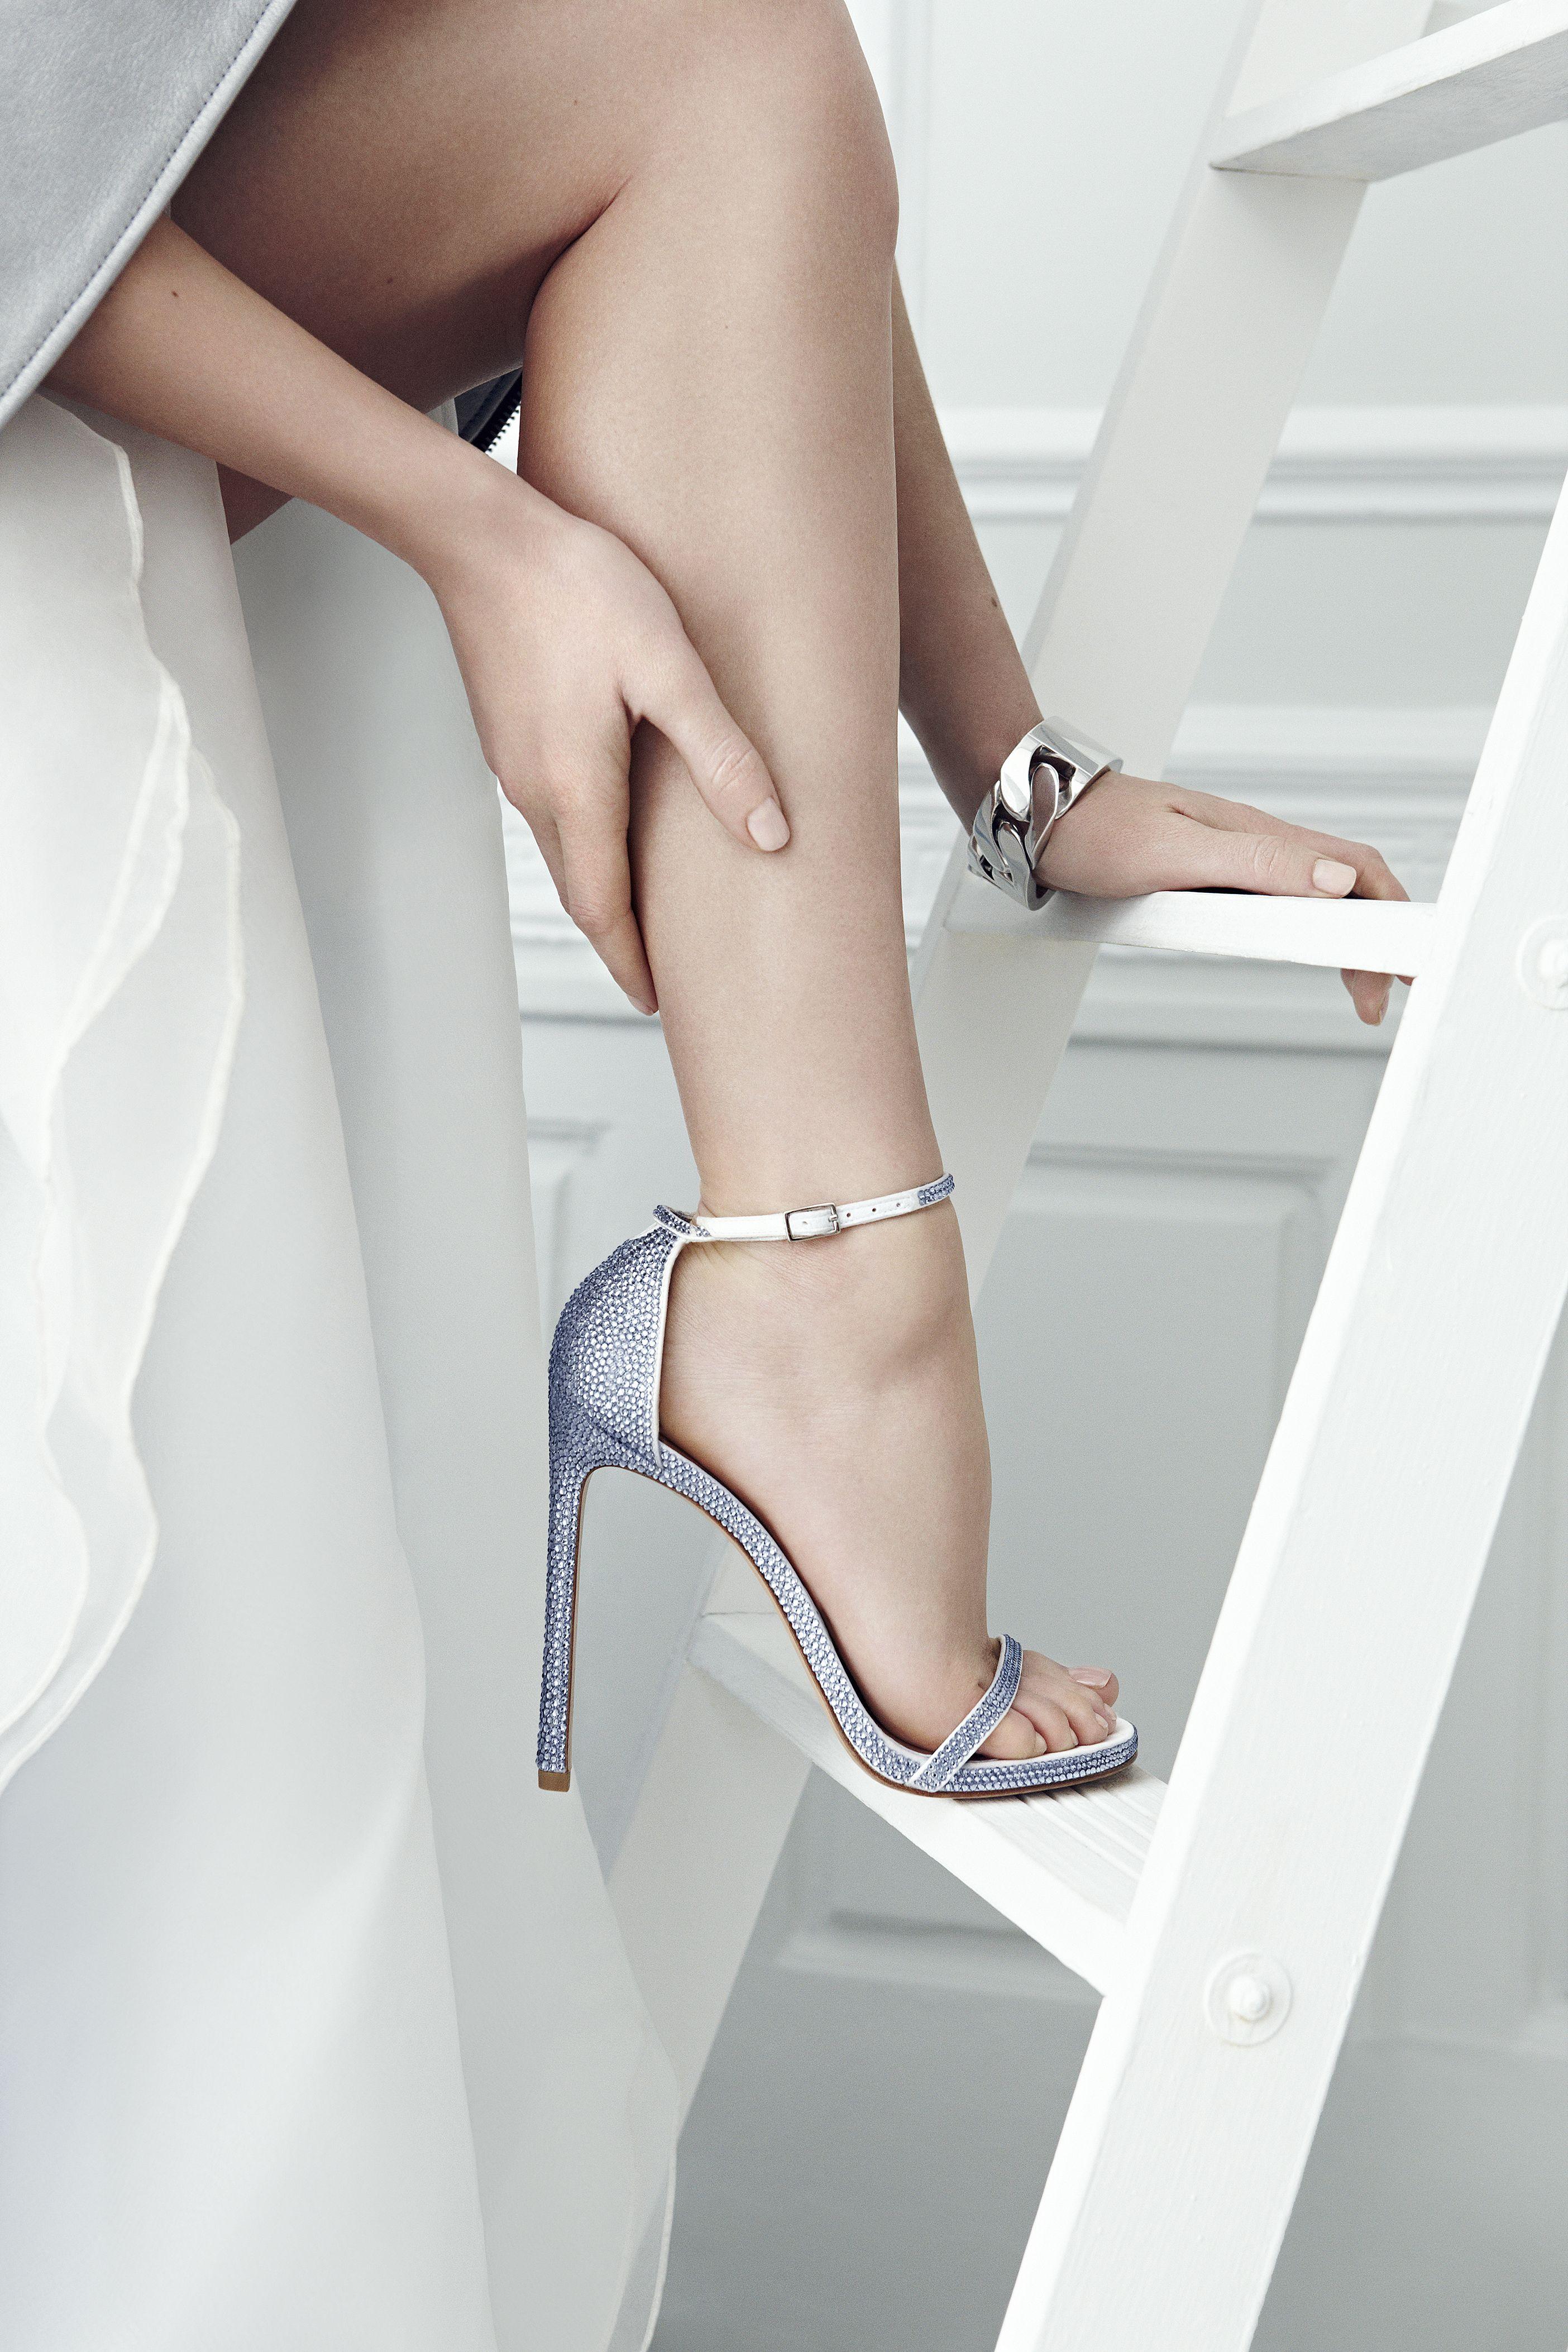 The Bridal Collection Bridal Shop Stuart Weitzman Stuart Weitzman Bridal Bridal Shoes Heels